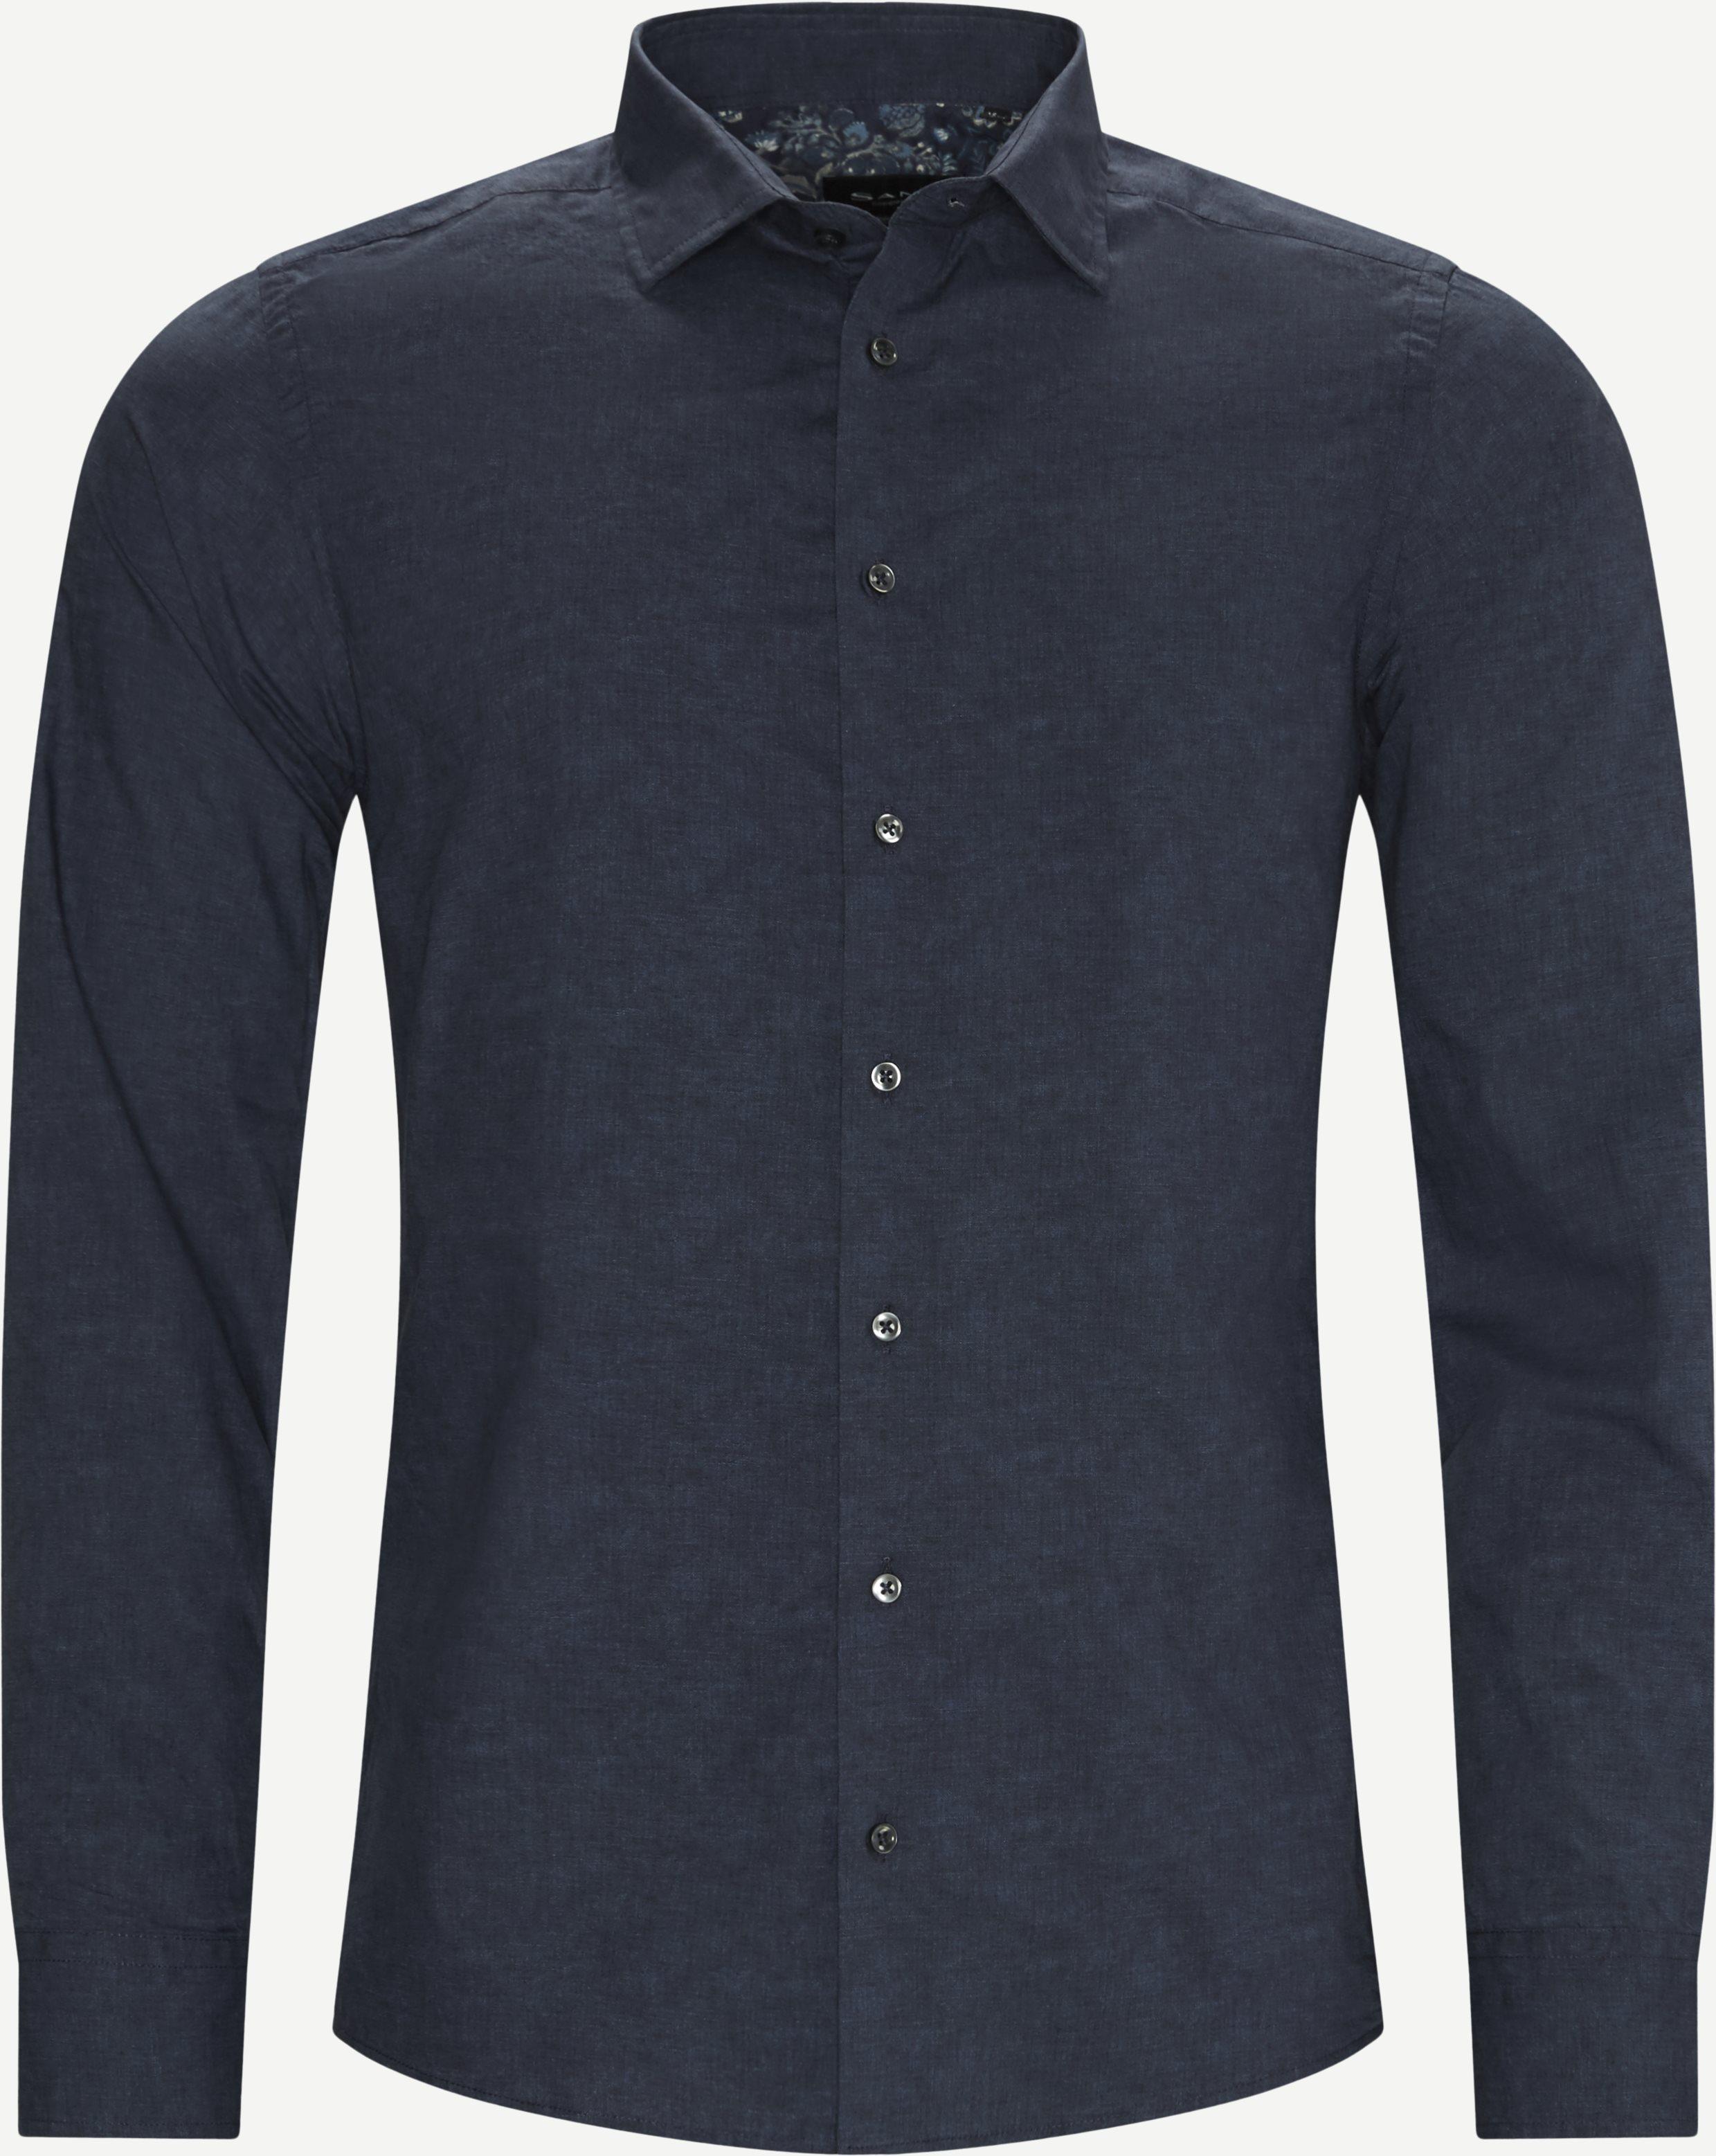 8669 Iver 2 Soft/State 2 Soft Skjorte - Skjorter - Blå